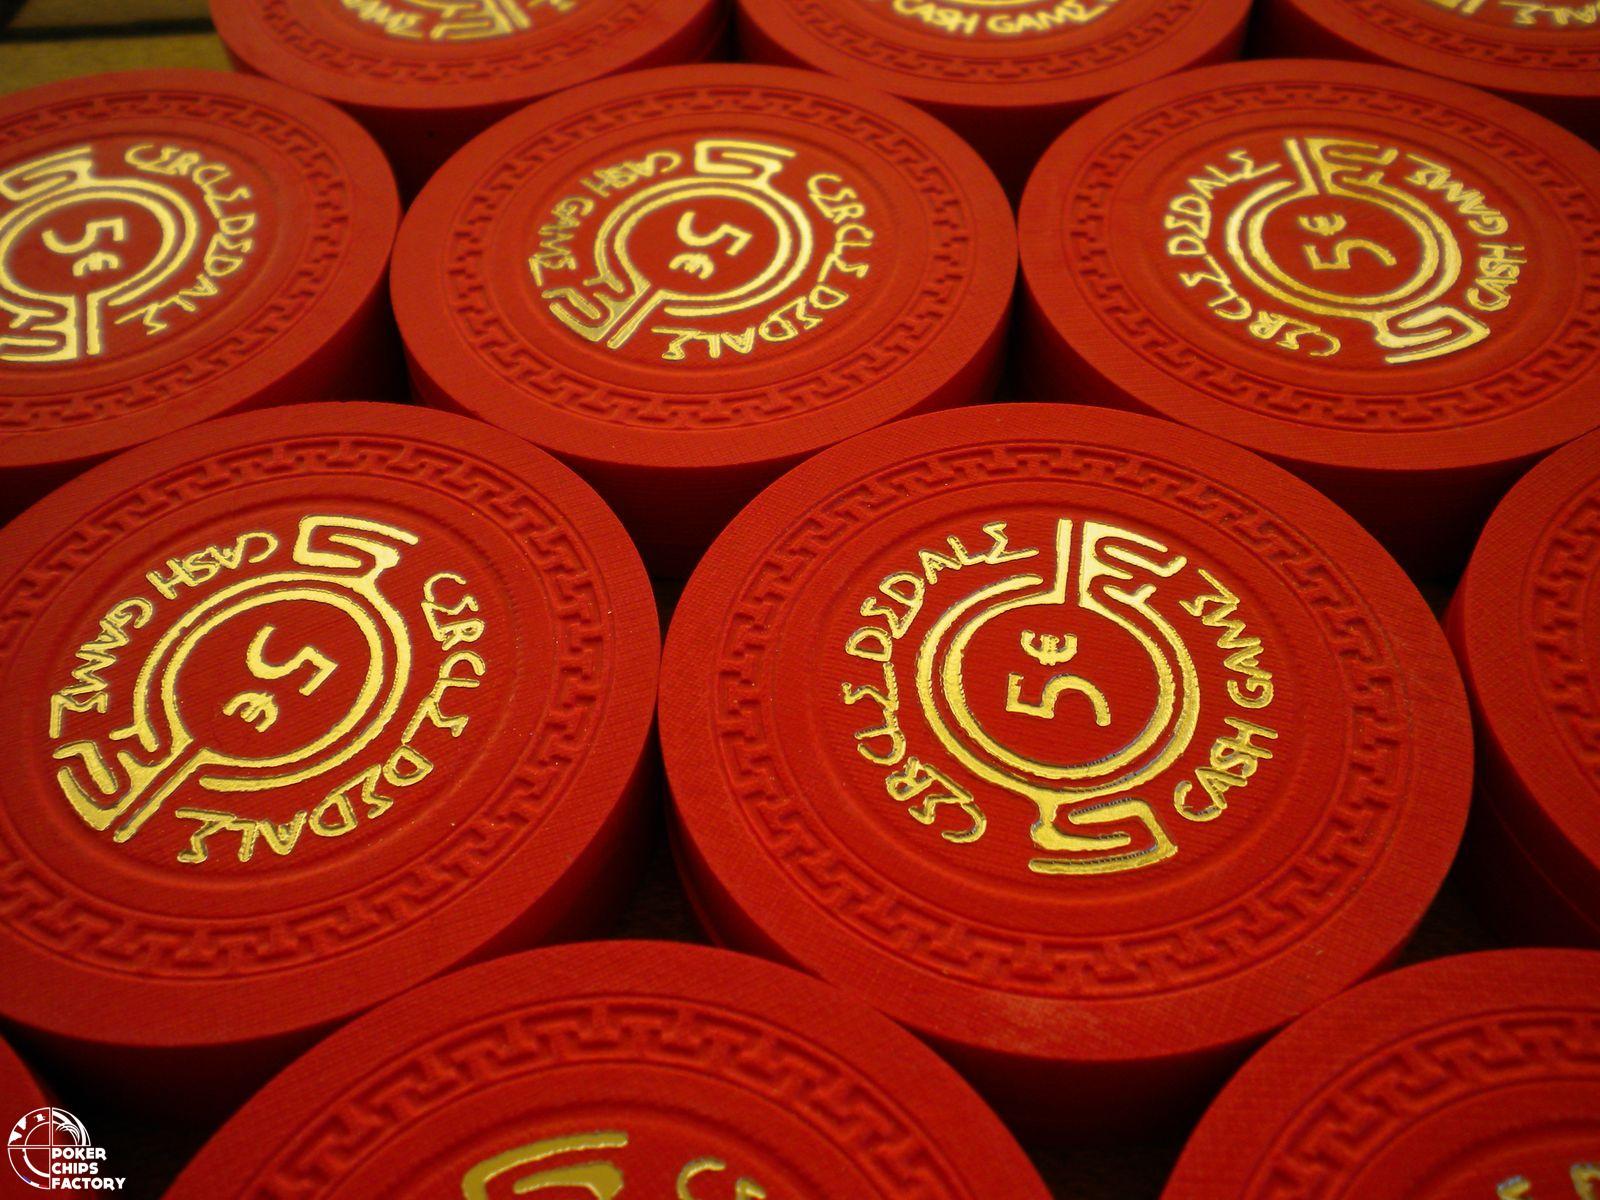 boutons pour les casinos en ligne